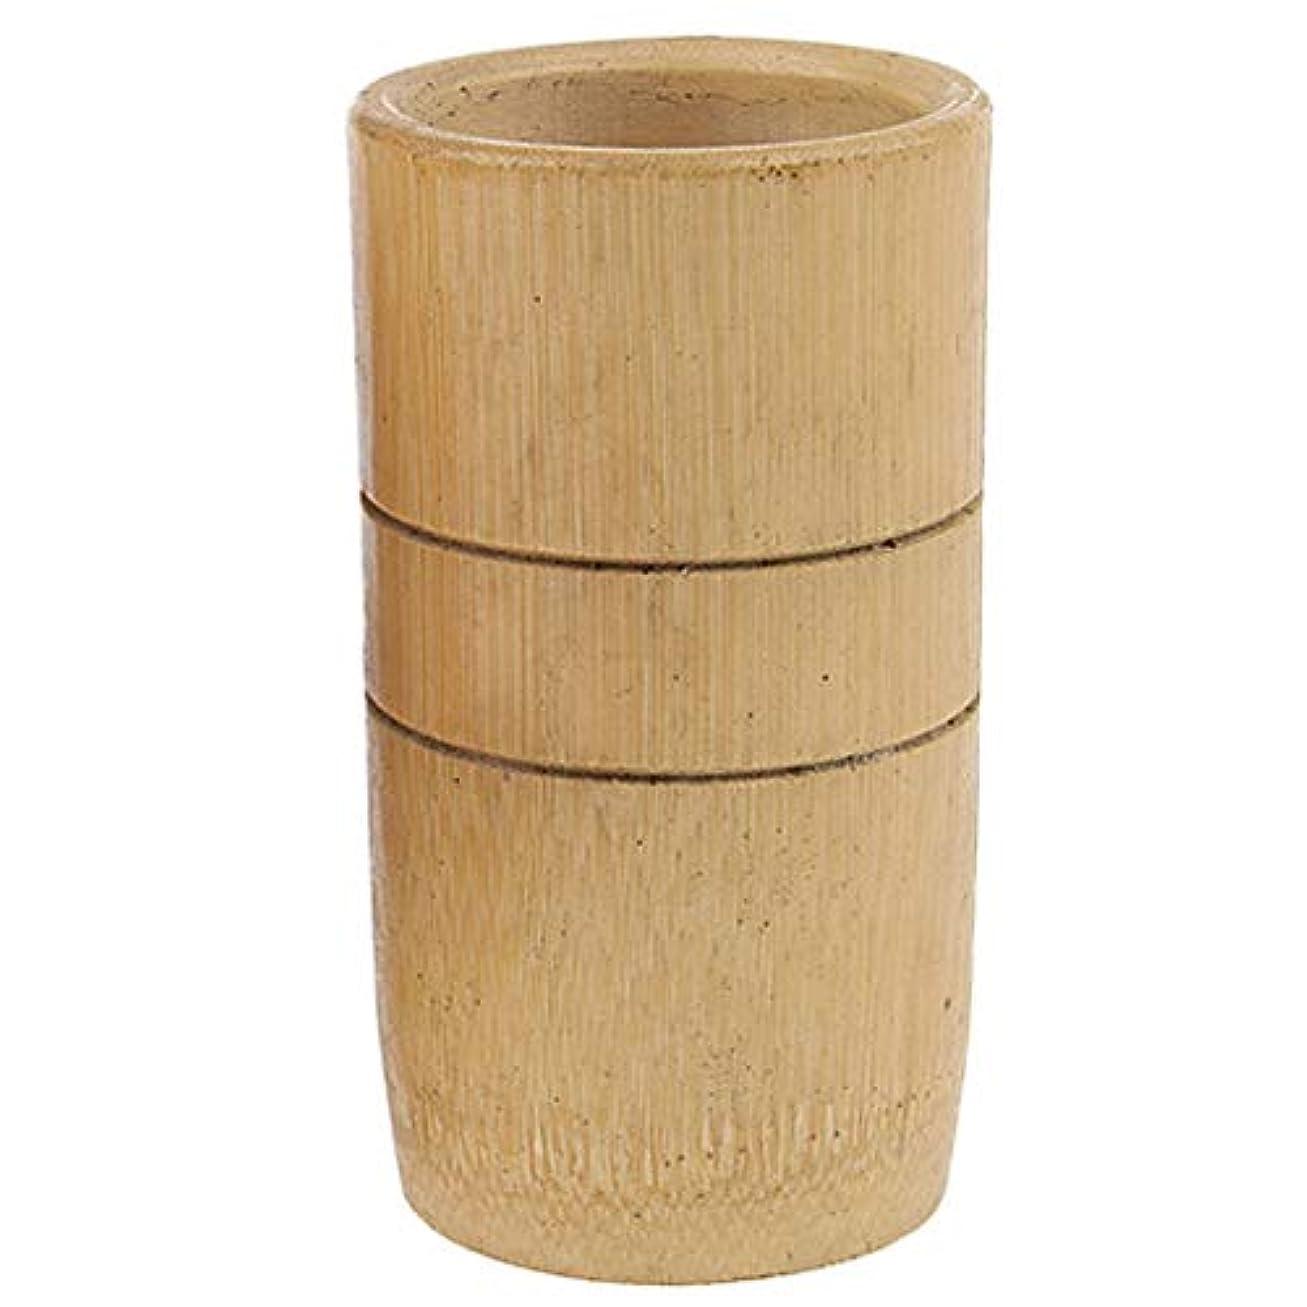 透ける工夫するきらきらP Prettyia マッサージ吸い玉 カッピング マッサージカップ 天然竹製 ユニセックス 2個入